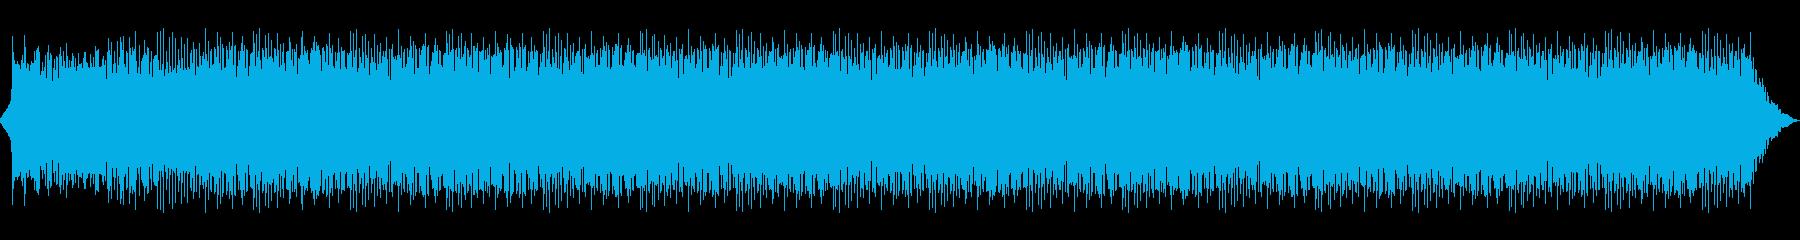 【企業VP・会社紹介】ブランディングにの再生済みの波形